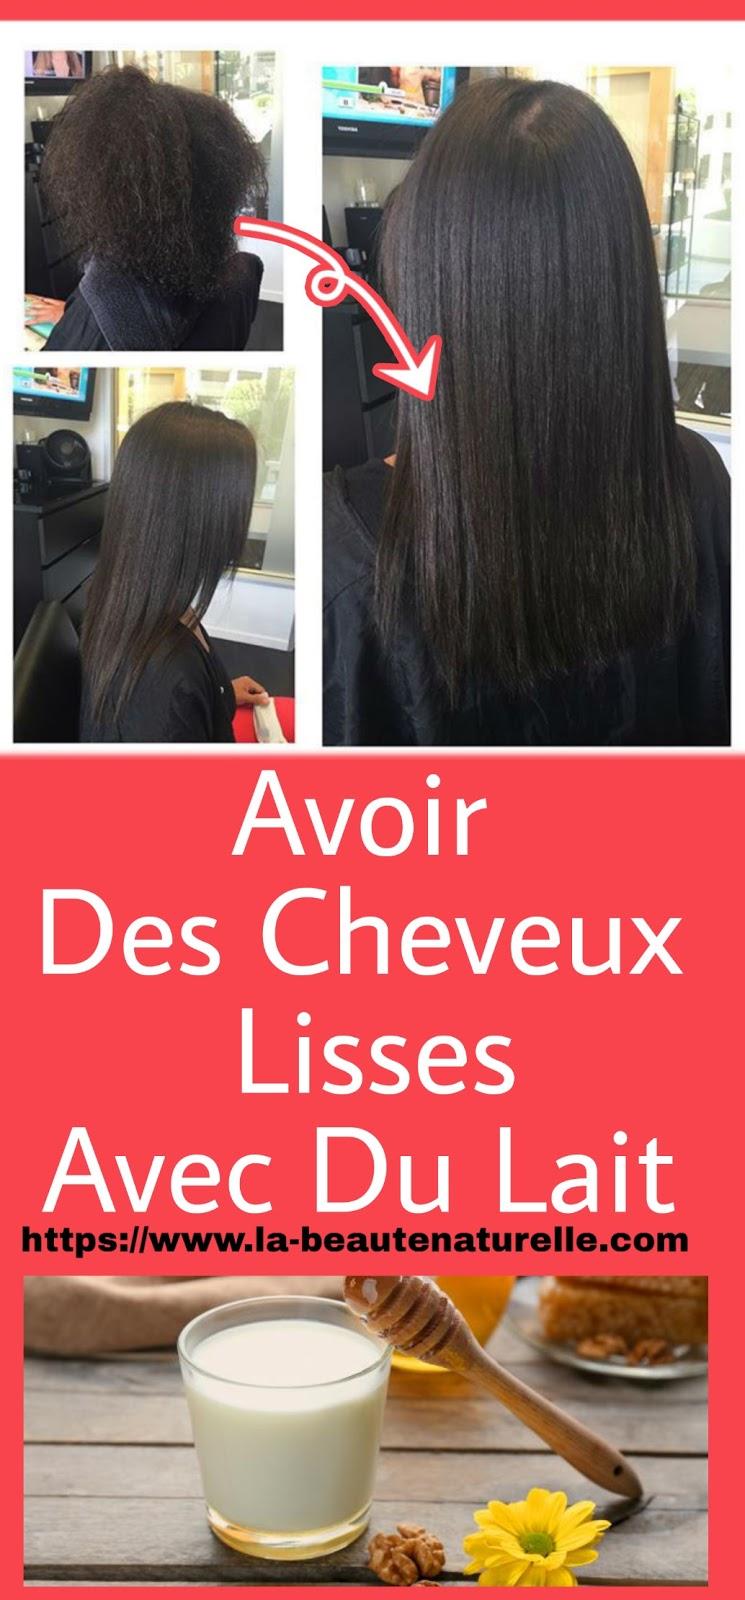 Avoir Des Cheveux Lisses Avec Du Lait